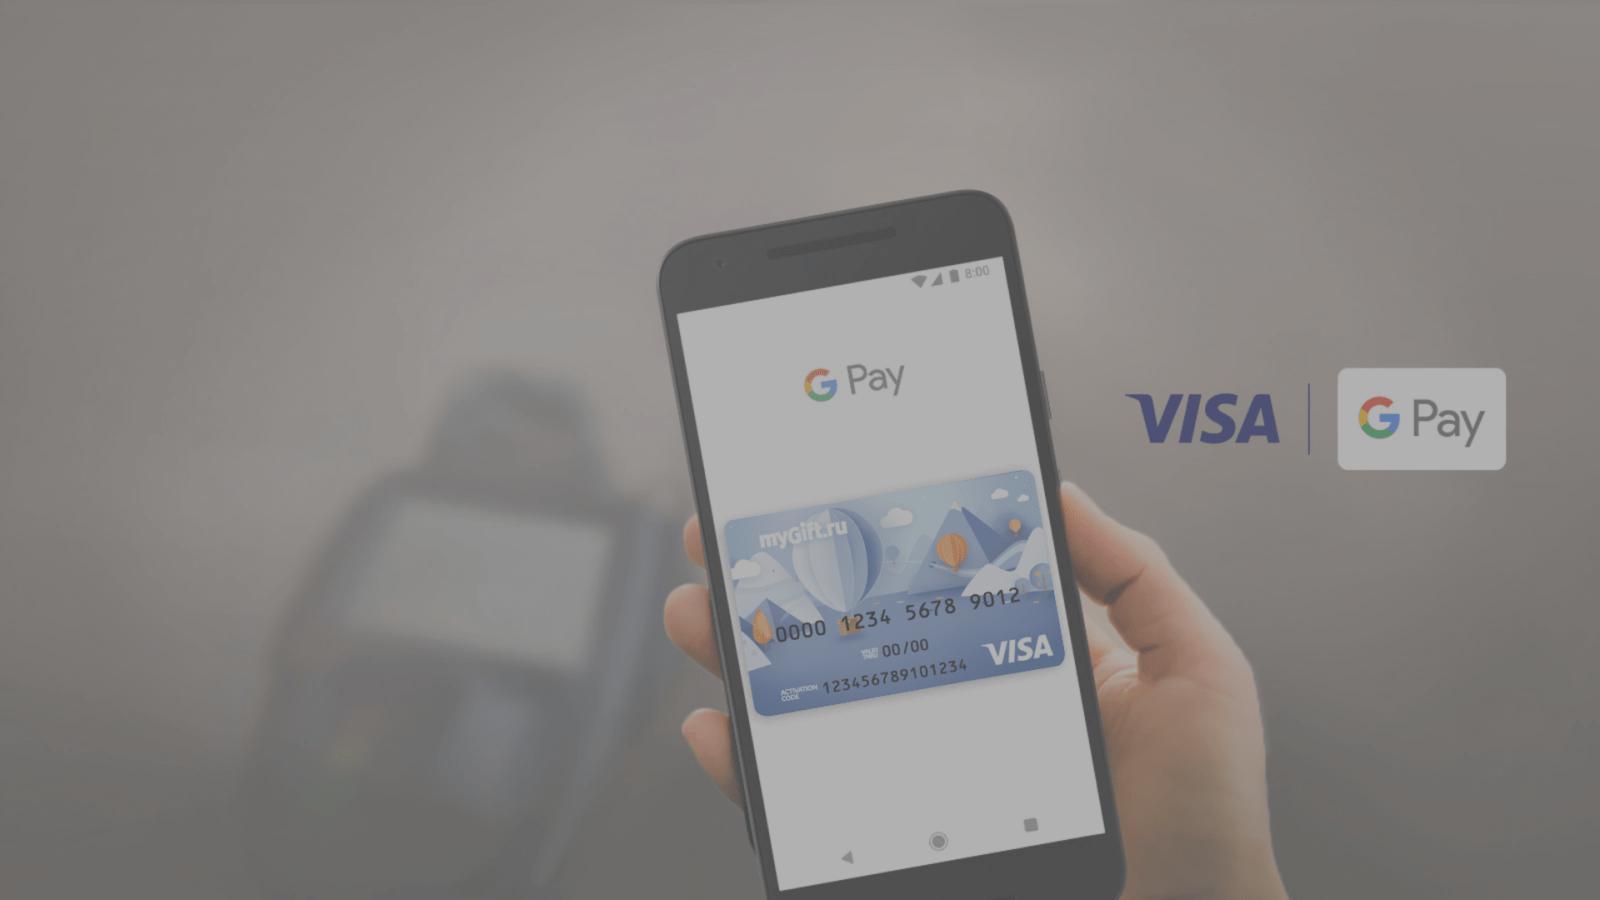 подарочная карта visa mygift Google Pay   Подарок в Квадрате